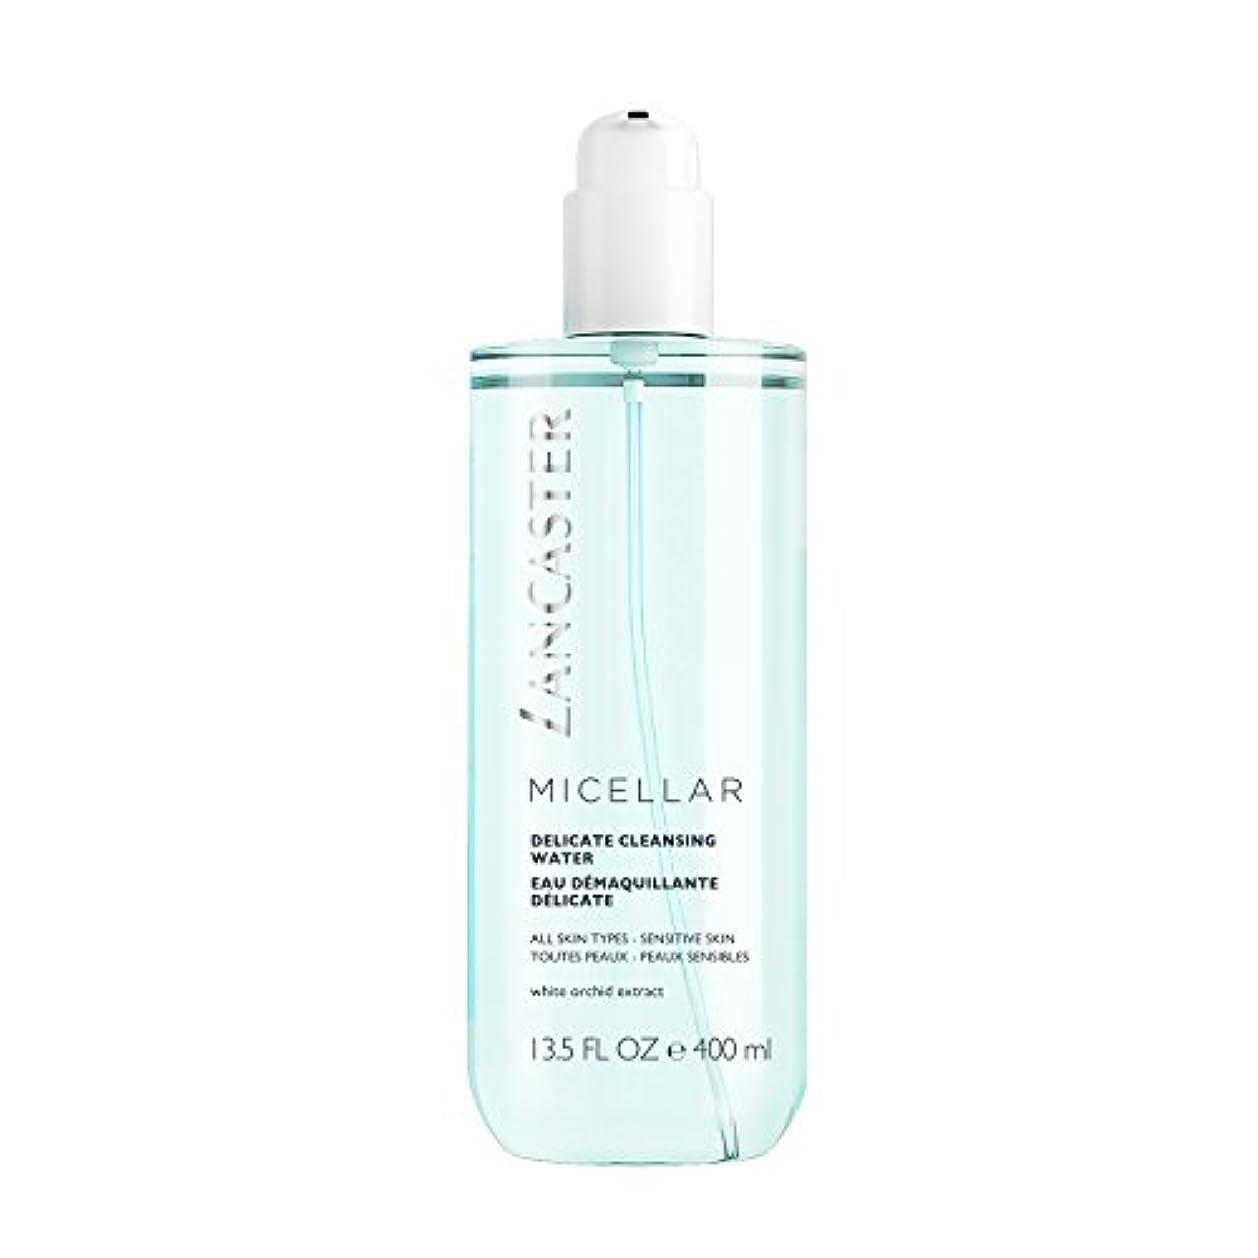 ランカスター Micellar Delicate Cleansing Water - All Skin Types, Including Sensitive Skin 400ml/13.5oz並行輸入品